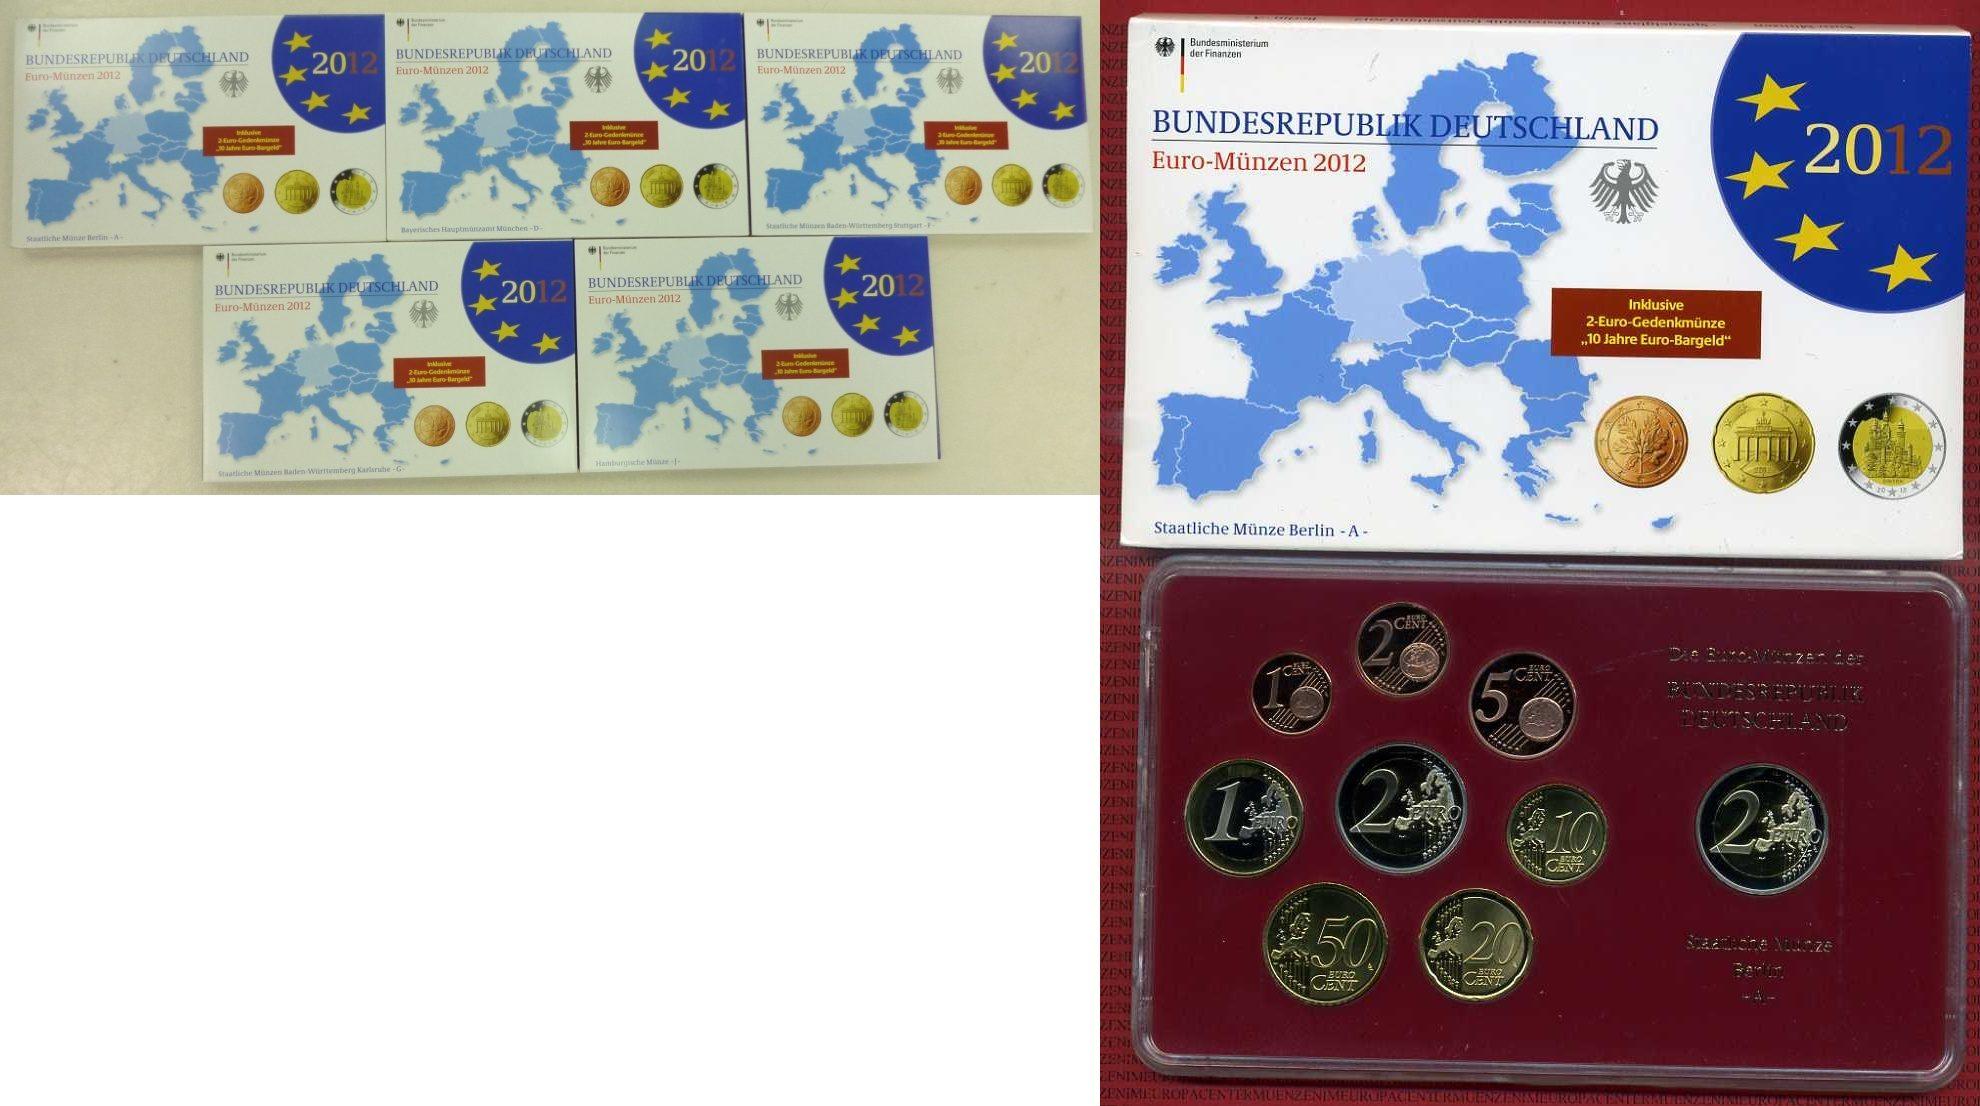 Euro Kursmünzensatz Offiziell 5 X 588 E 2012 Bundesrepublik